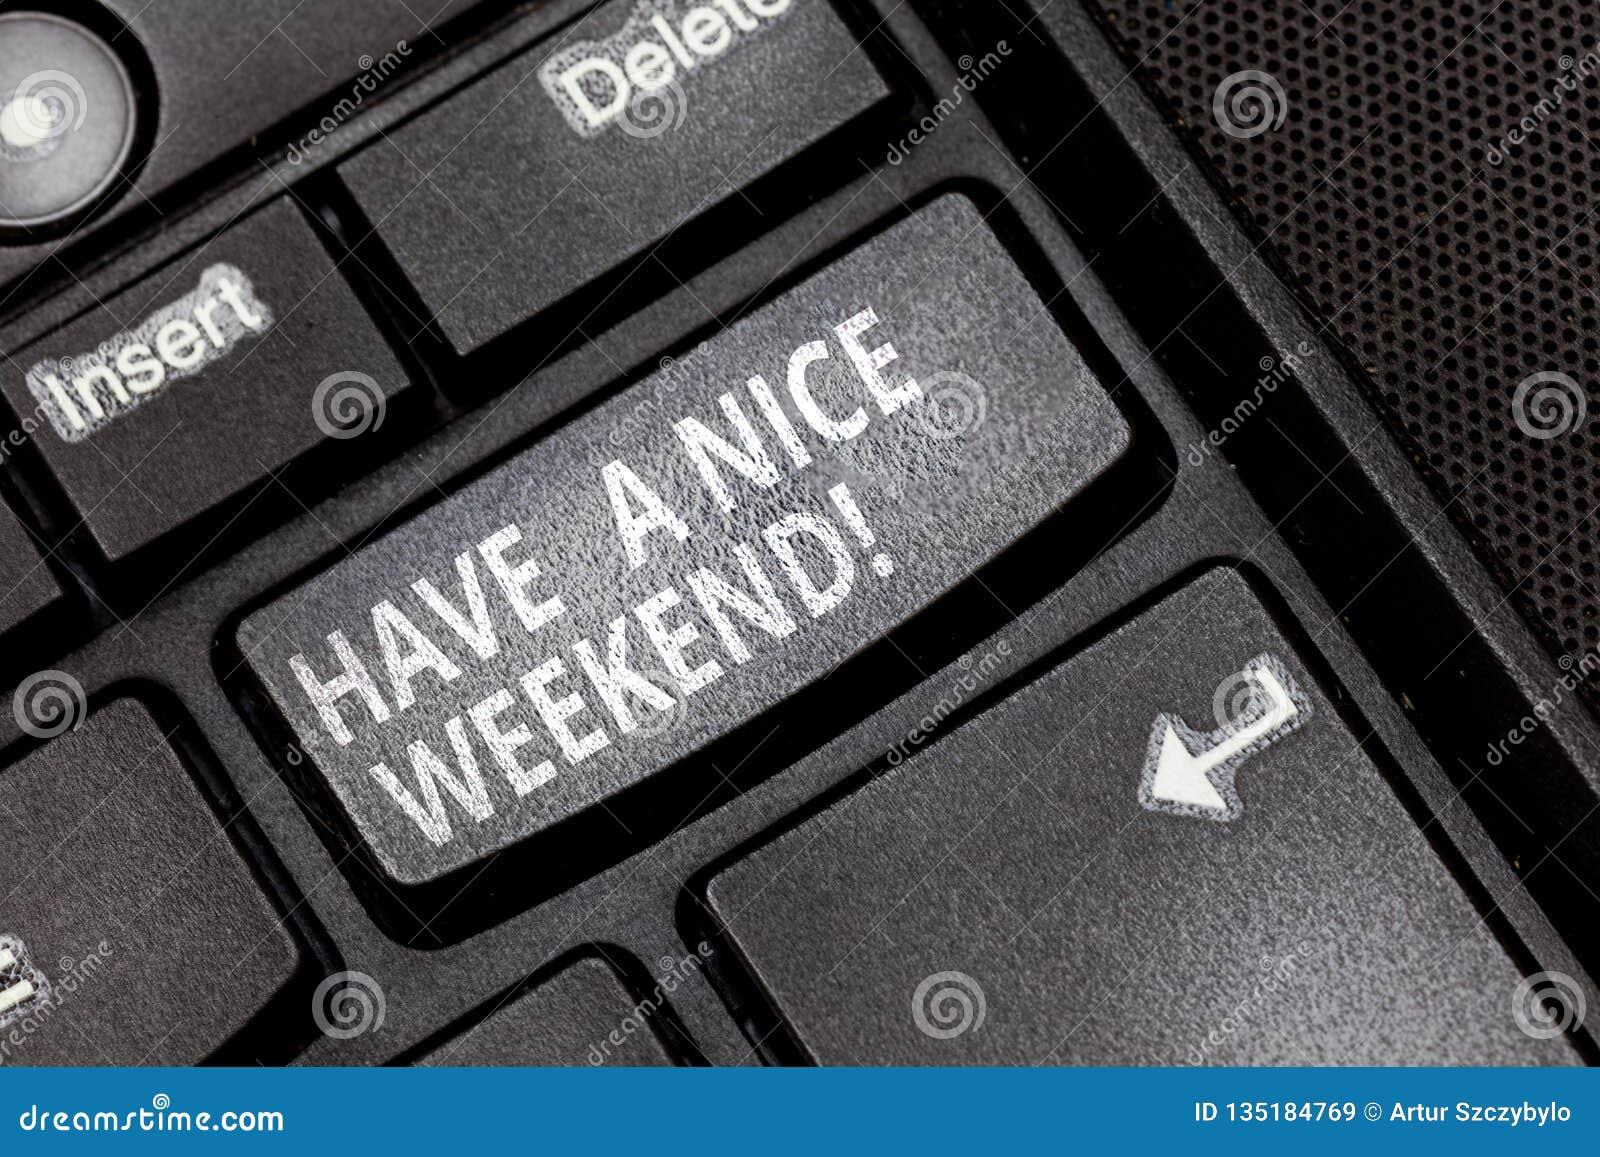 E Deseo del significado del concepto usted consigue buenos días de descanso disfruta de llave de teclado del tiempo libre